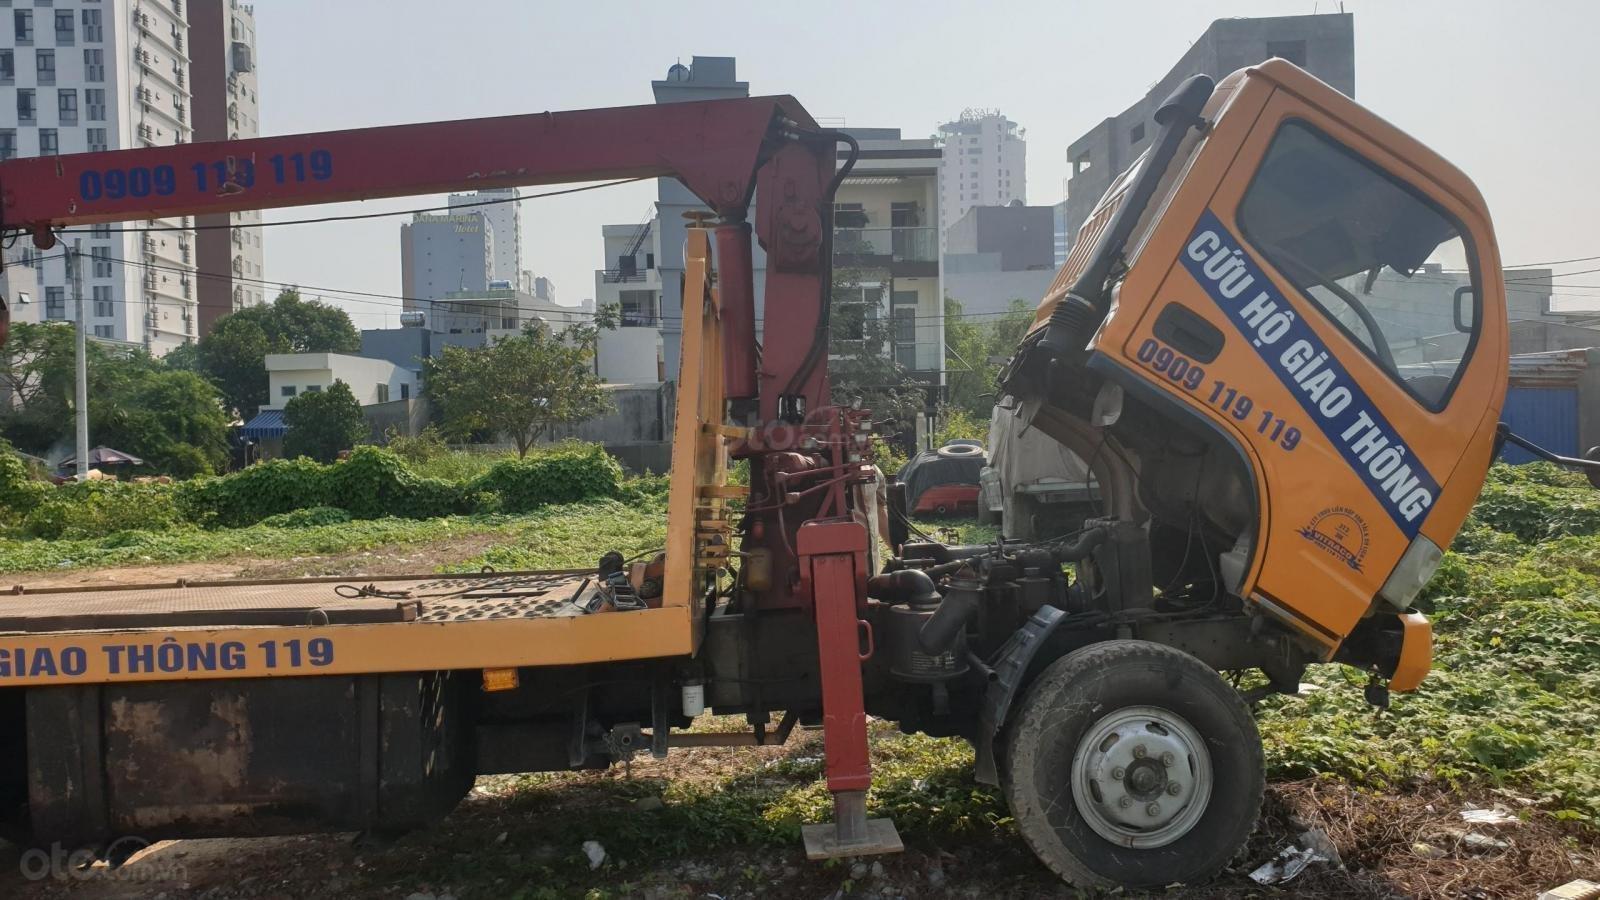 Thanh lý xe cứu hộ giao thông có cẩu 2011, giá 450tr (1)